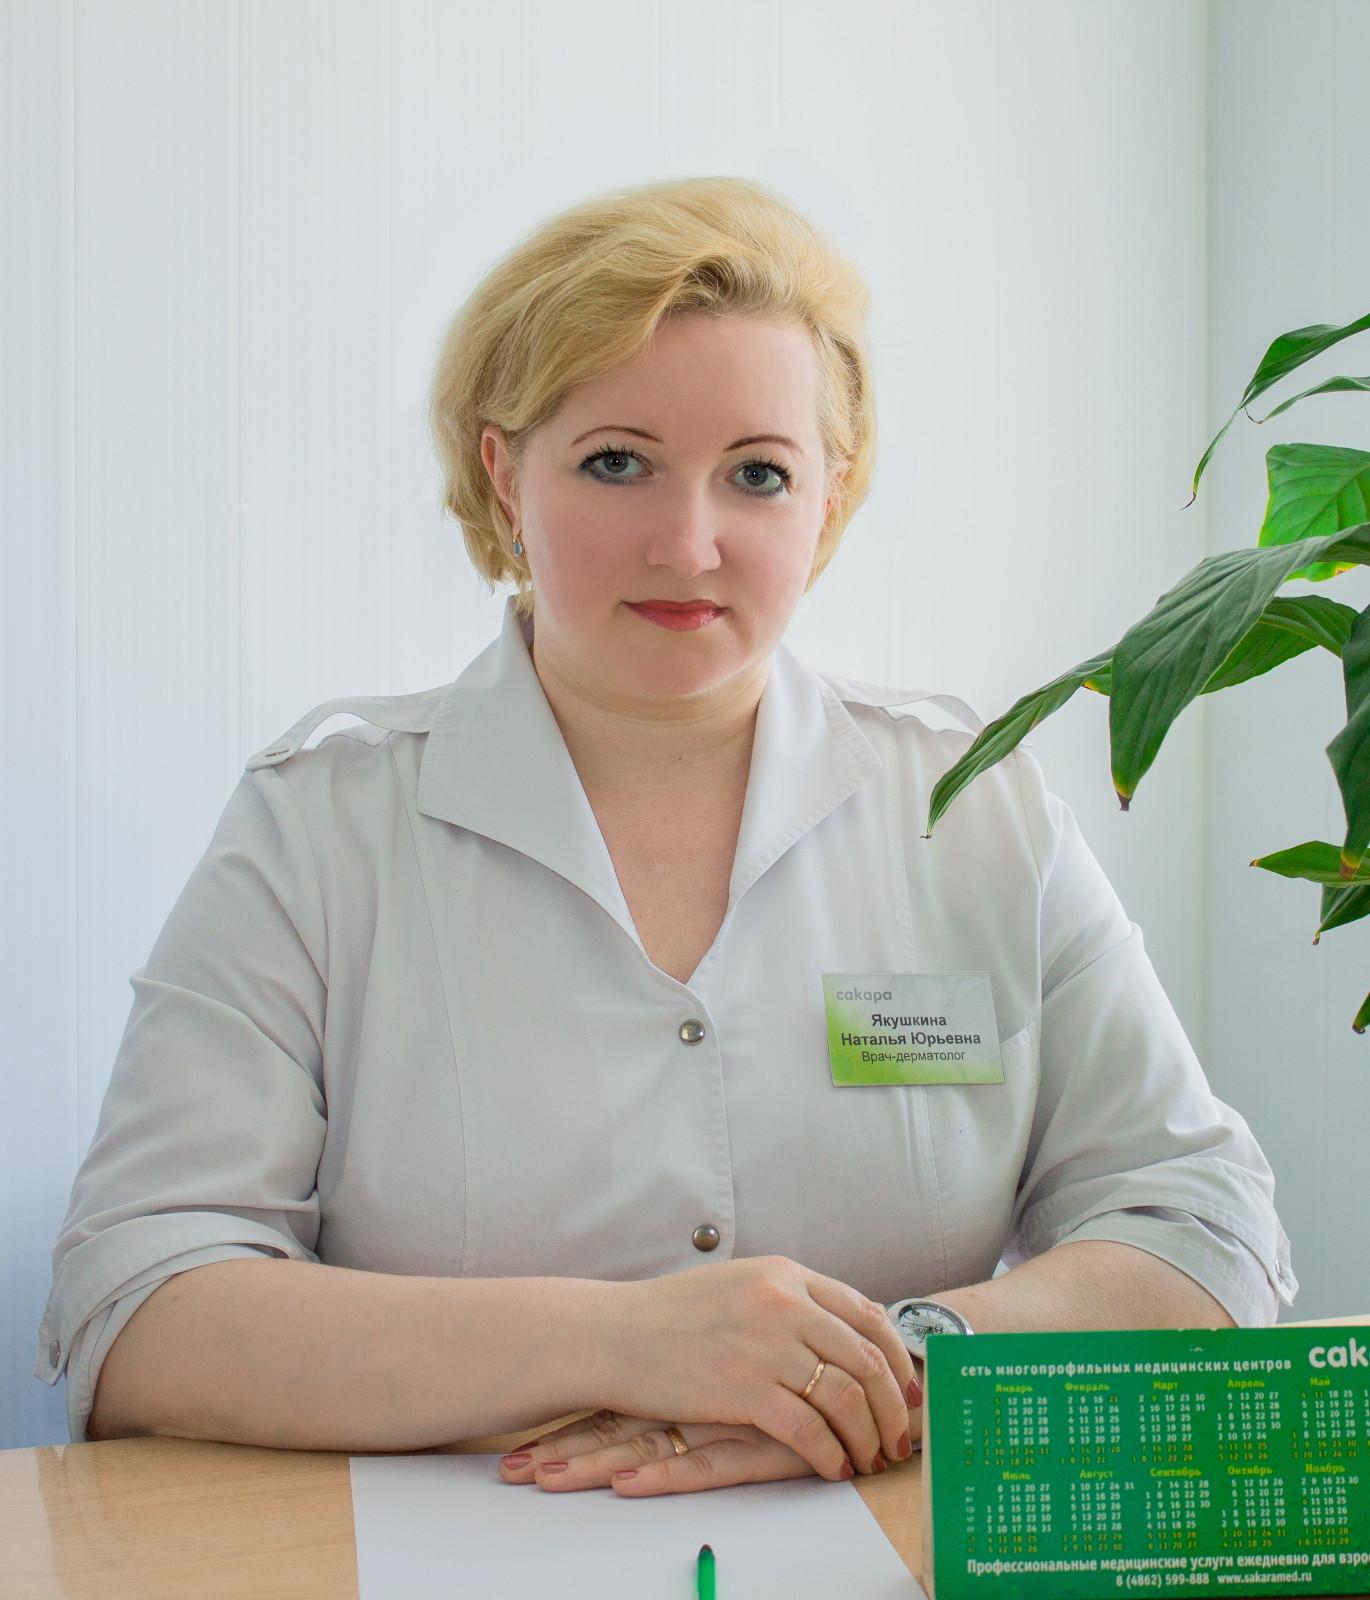 Смирнова Анна Николаевна  профиль 79869512